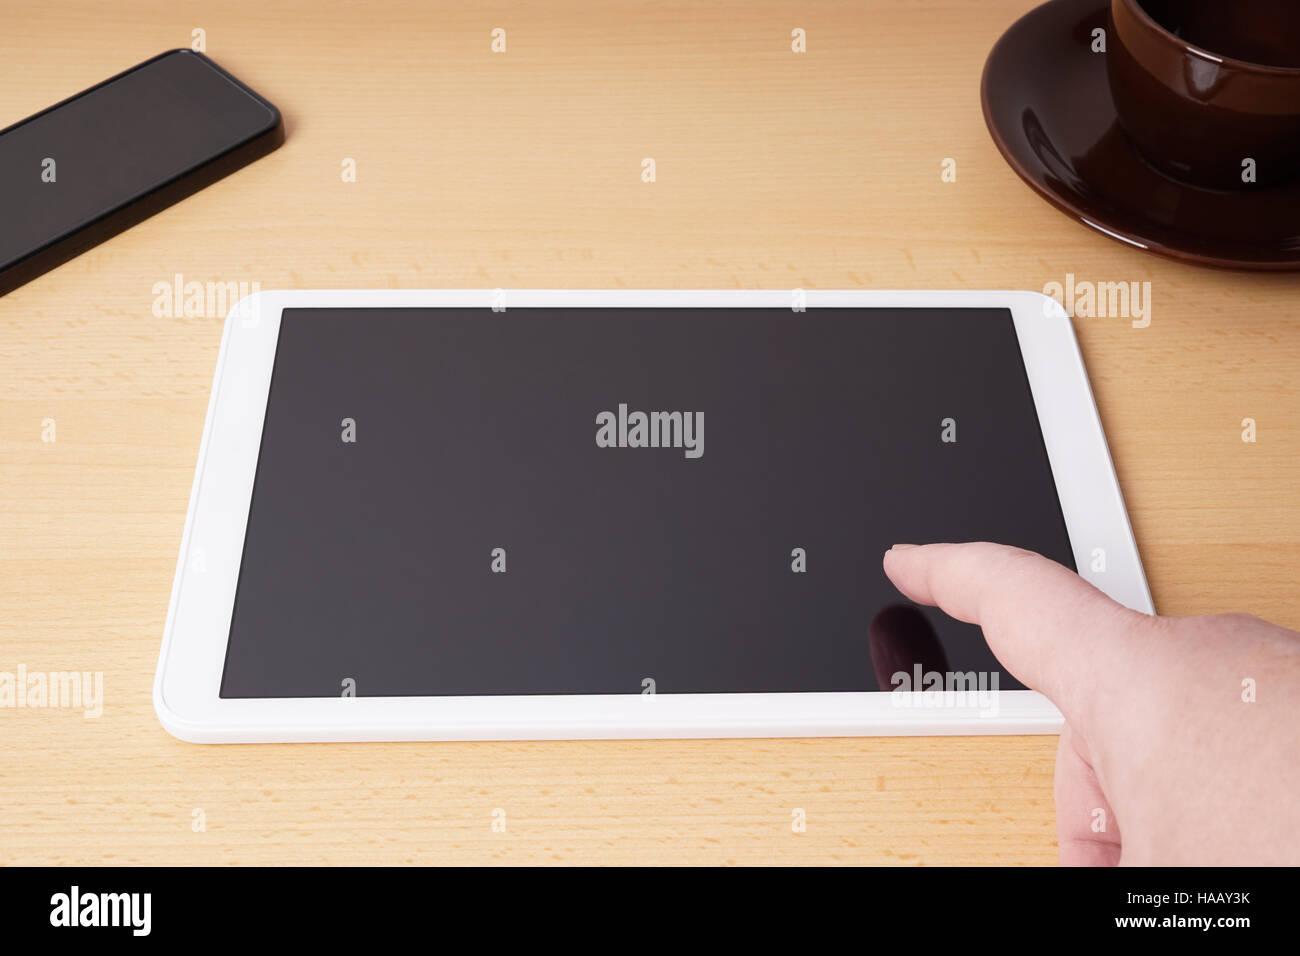 Dedo tocar en blanco pantalla táctil de Tablet PC Imagen De Stock